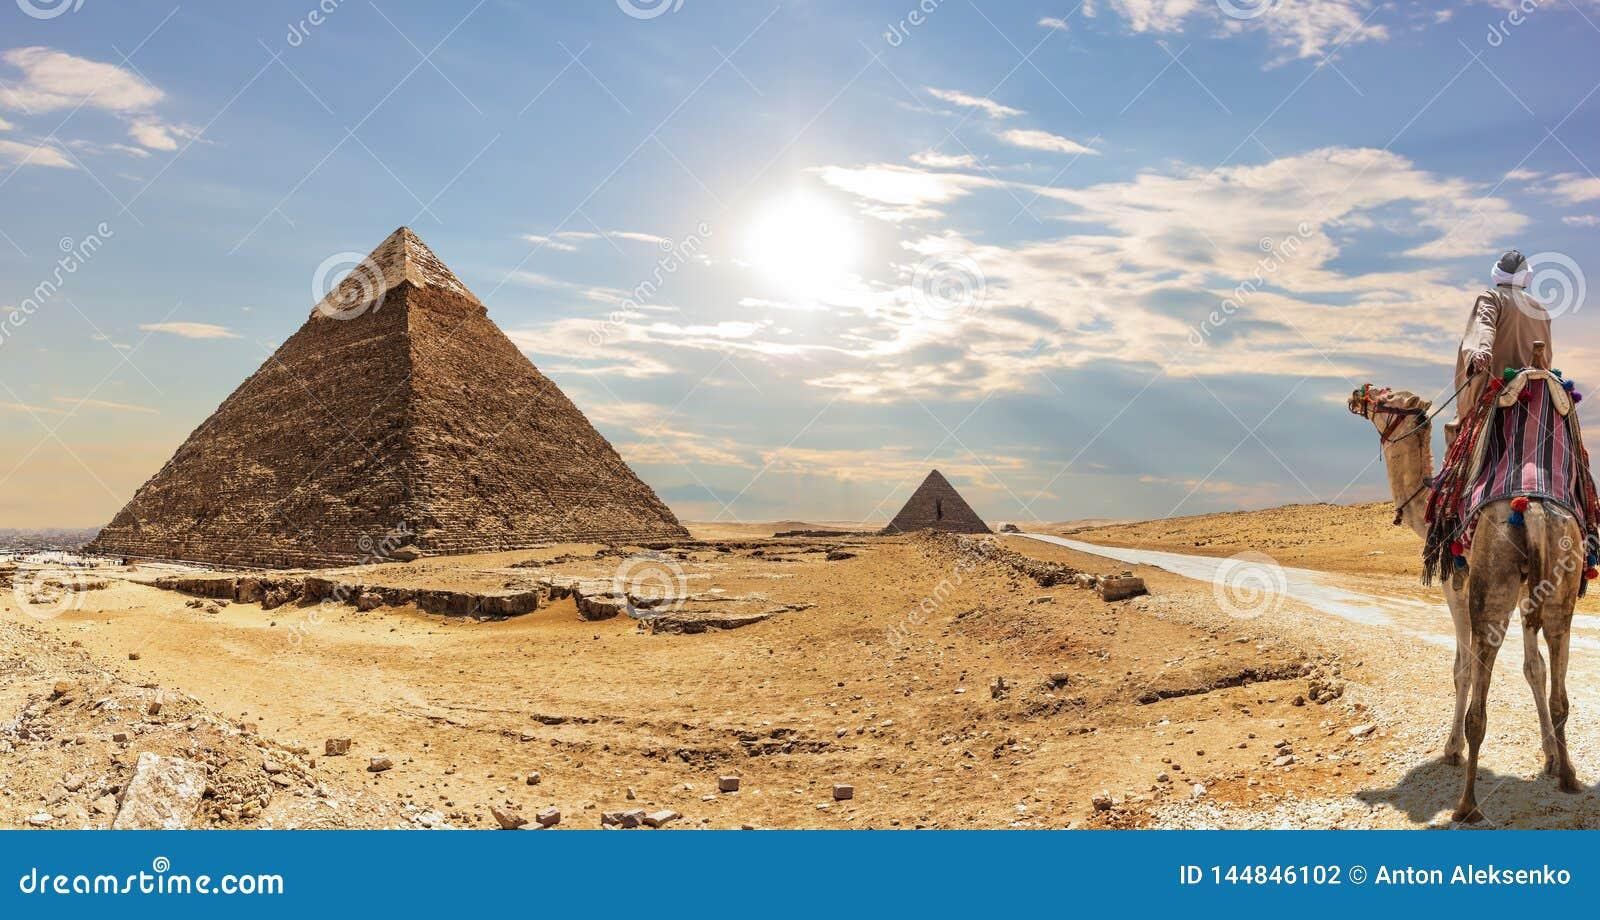 A pirâmide de Khafre e um beduíno em um camelo, Giza, Egito